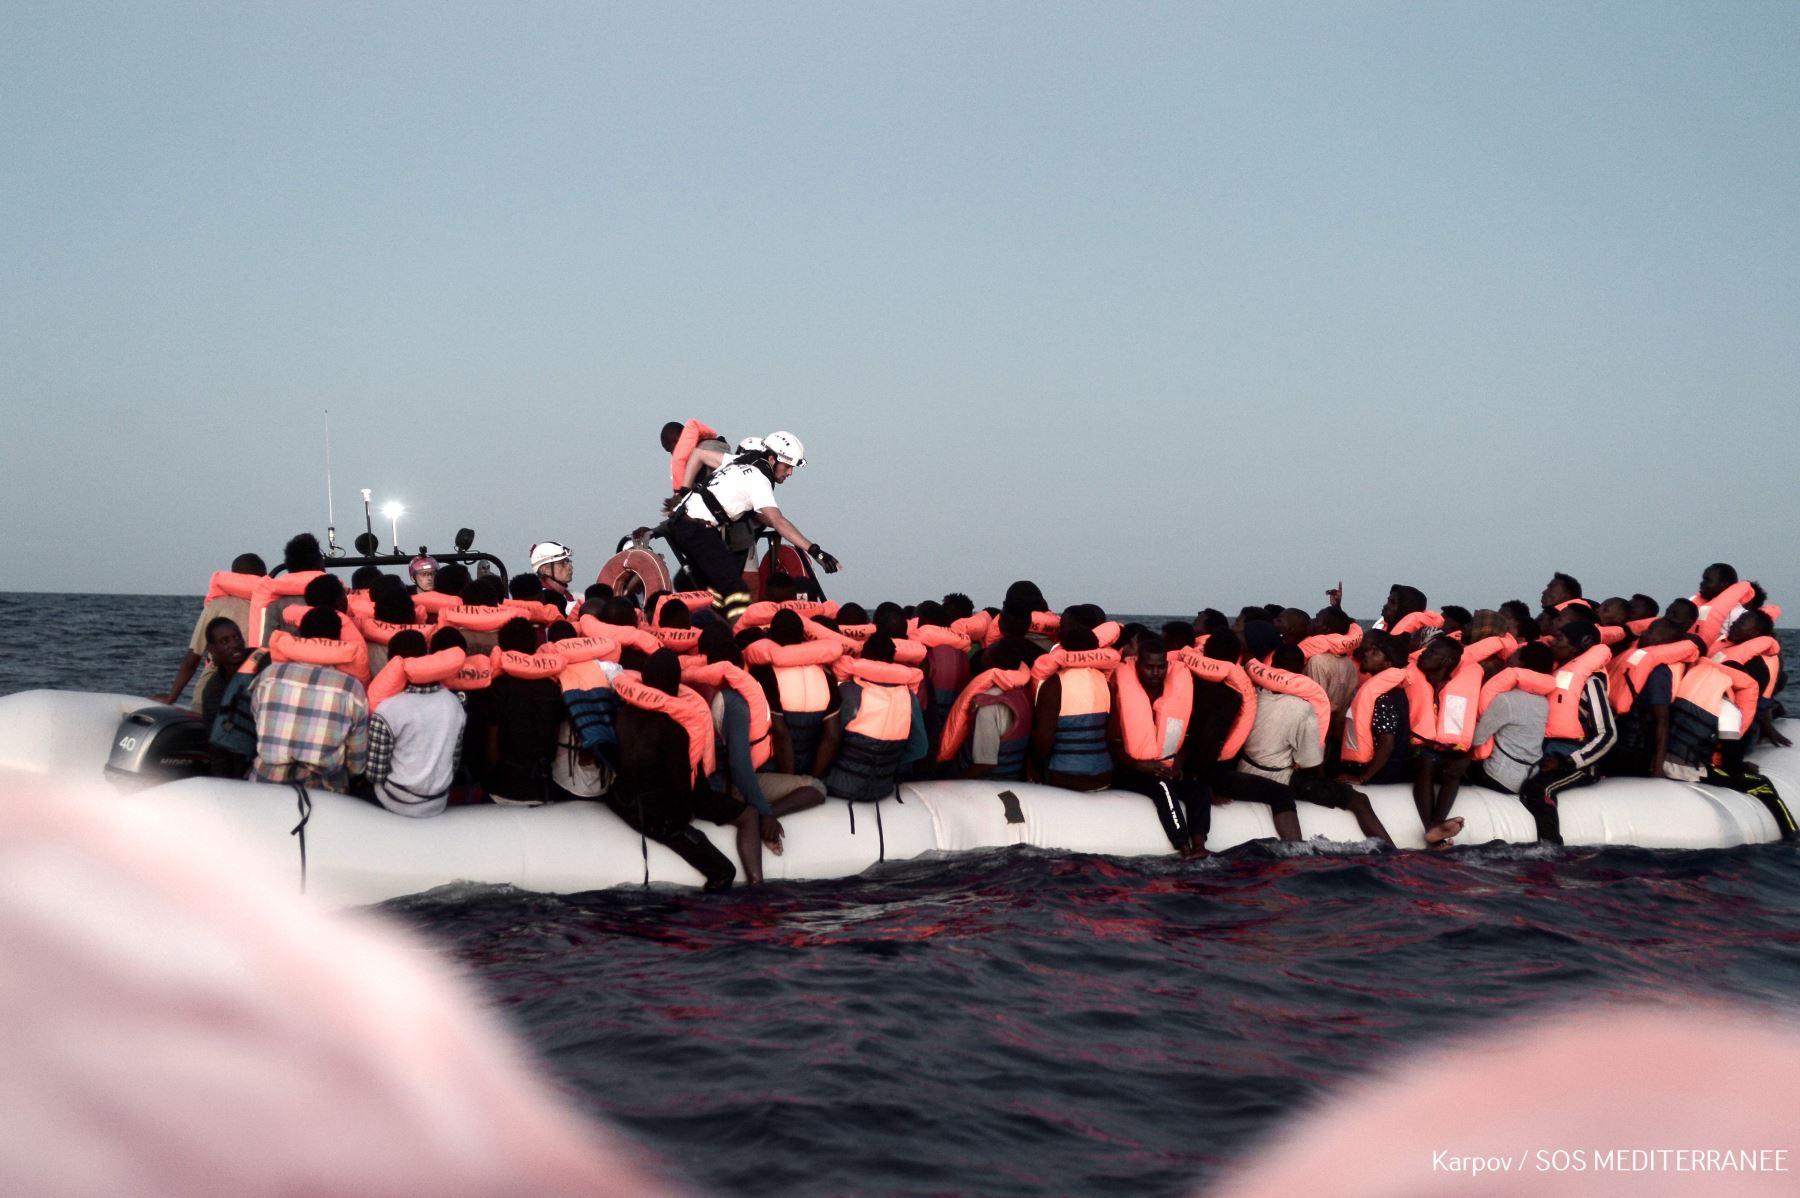 Italia inmigración: cierra sus puertos a los barcos de rescate de migrantes | Noticias del mundo | EiTB